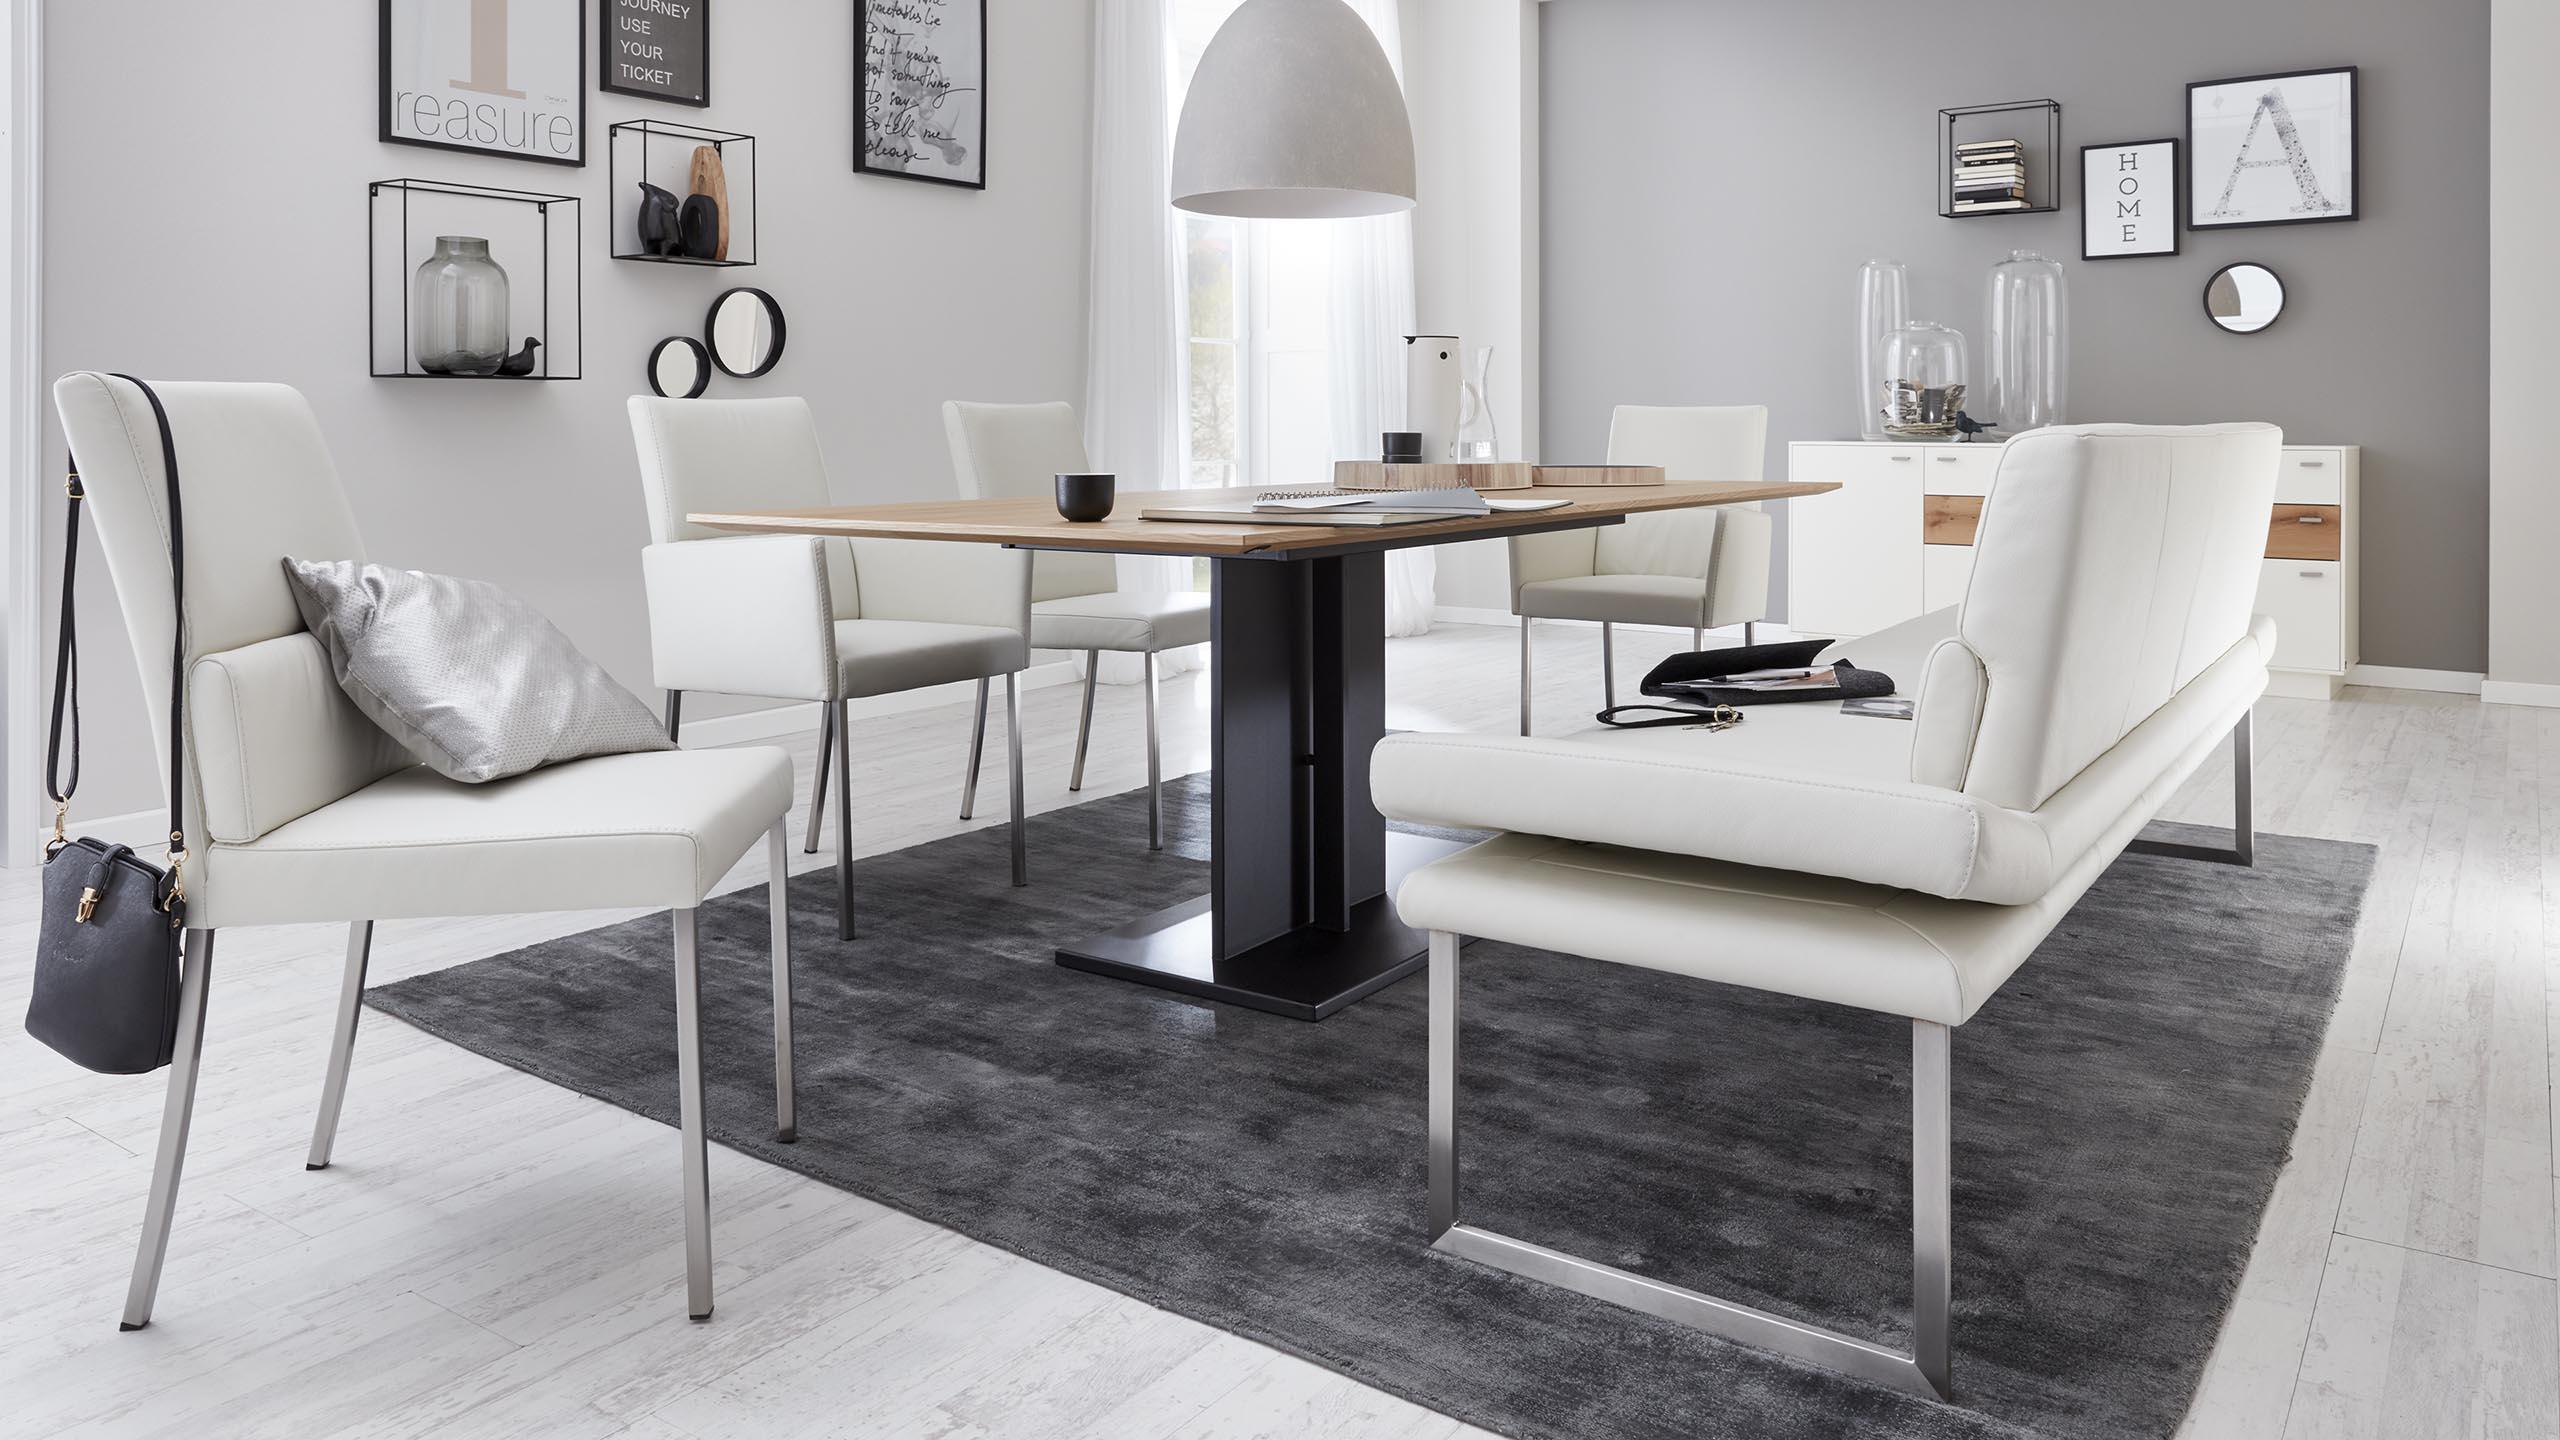 interliving esszimmer serie 5601 interliving m bel f r. Black Bedroom Furniture Sets. Home Design Ideas